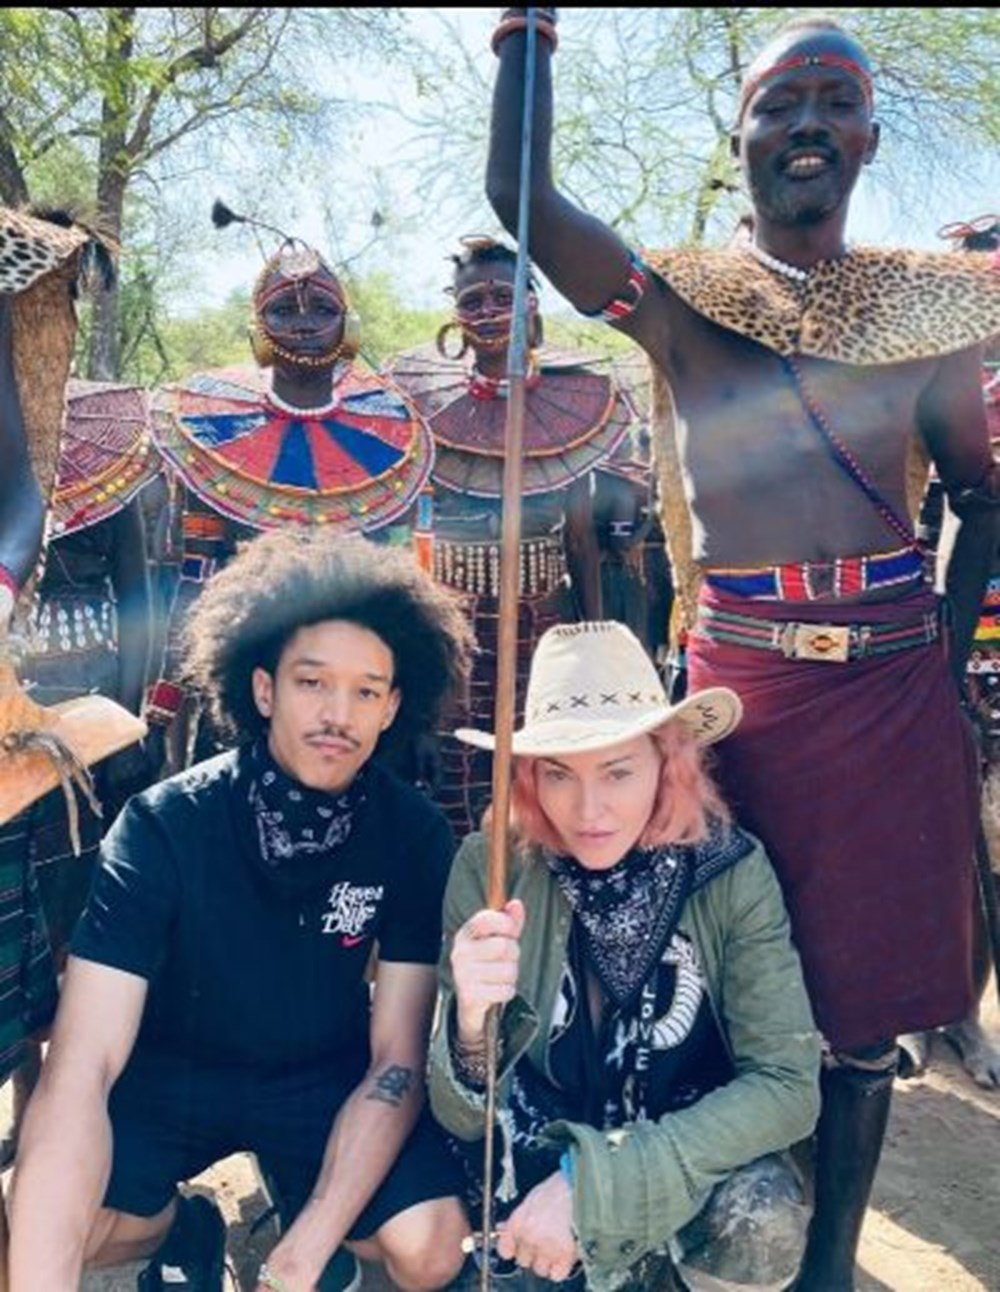 Madonna seyahat kısıtlamasına rağmen 3 haftada 5 ülke gezdi - 5